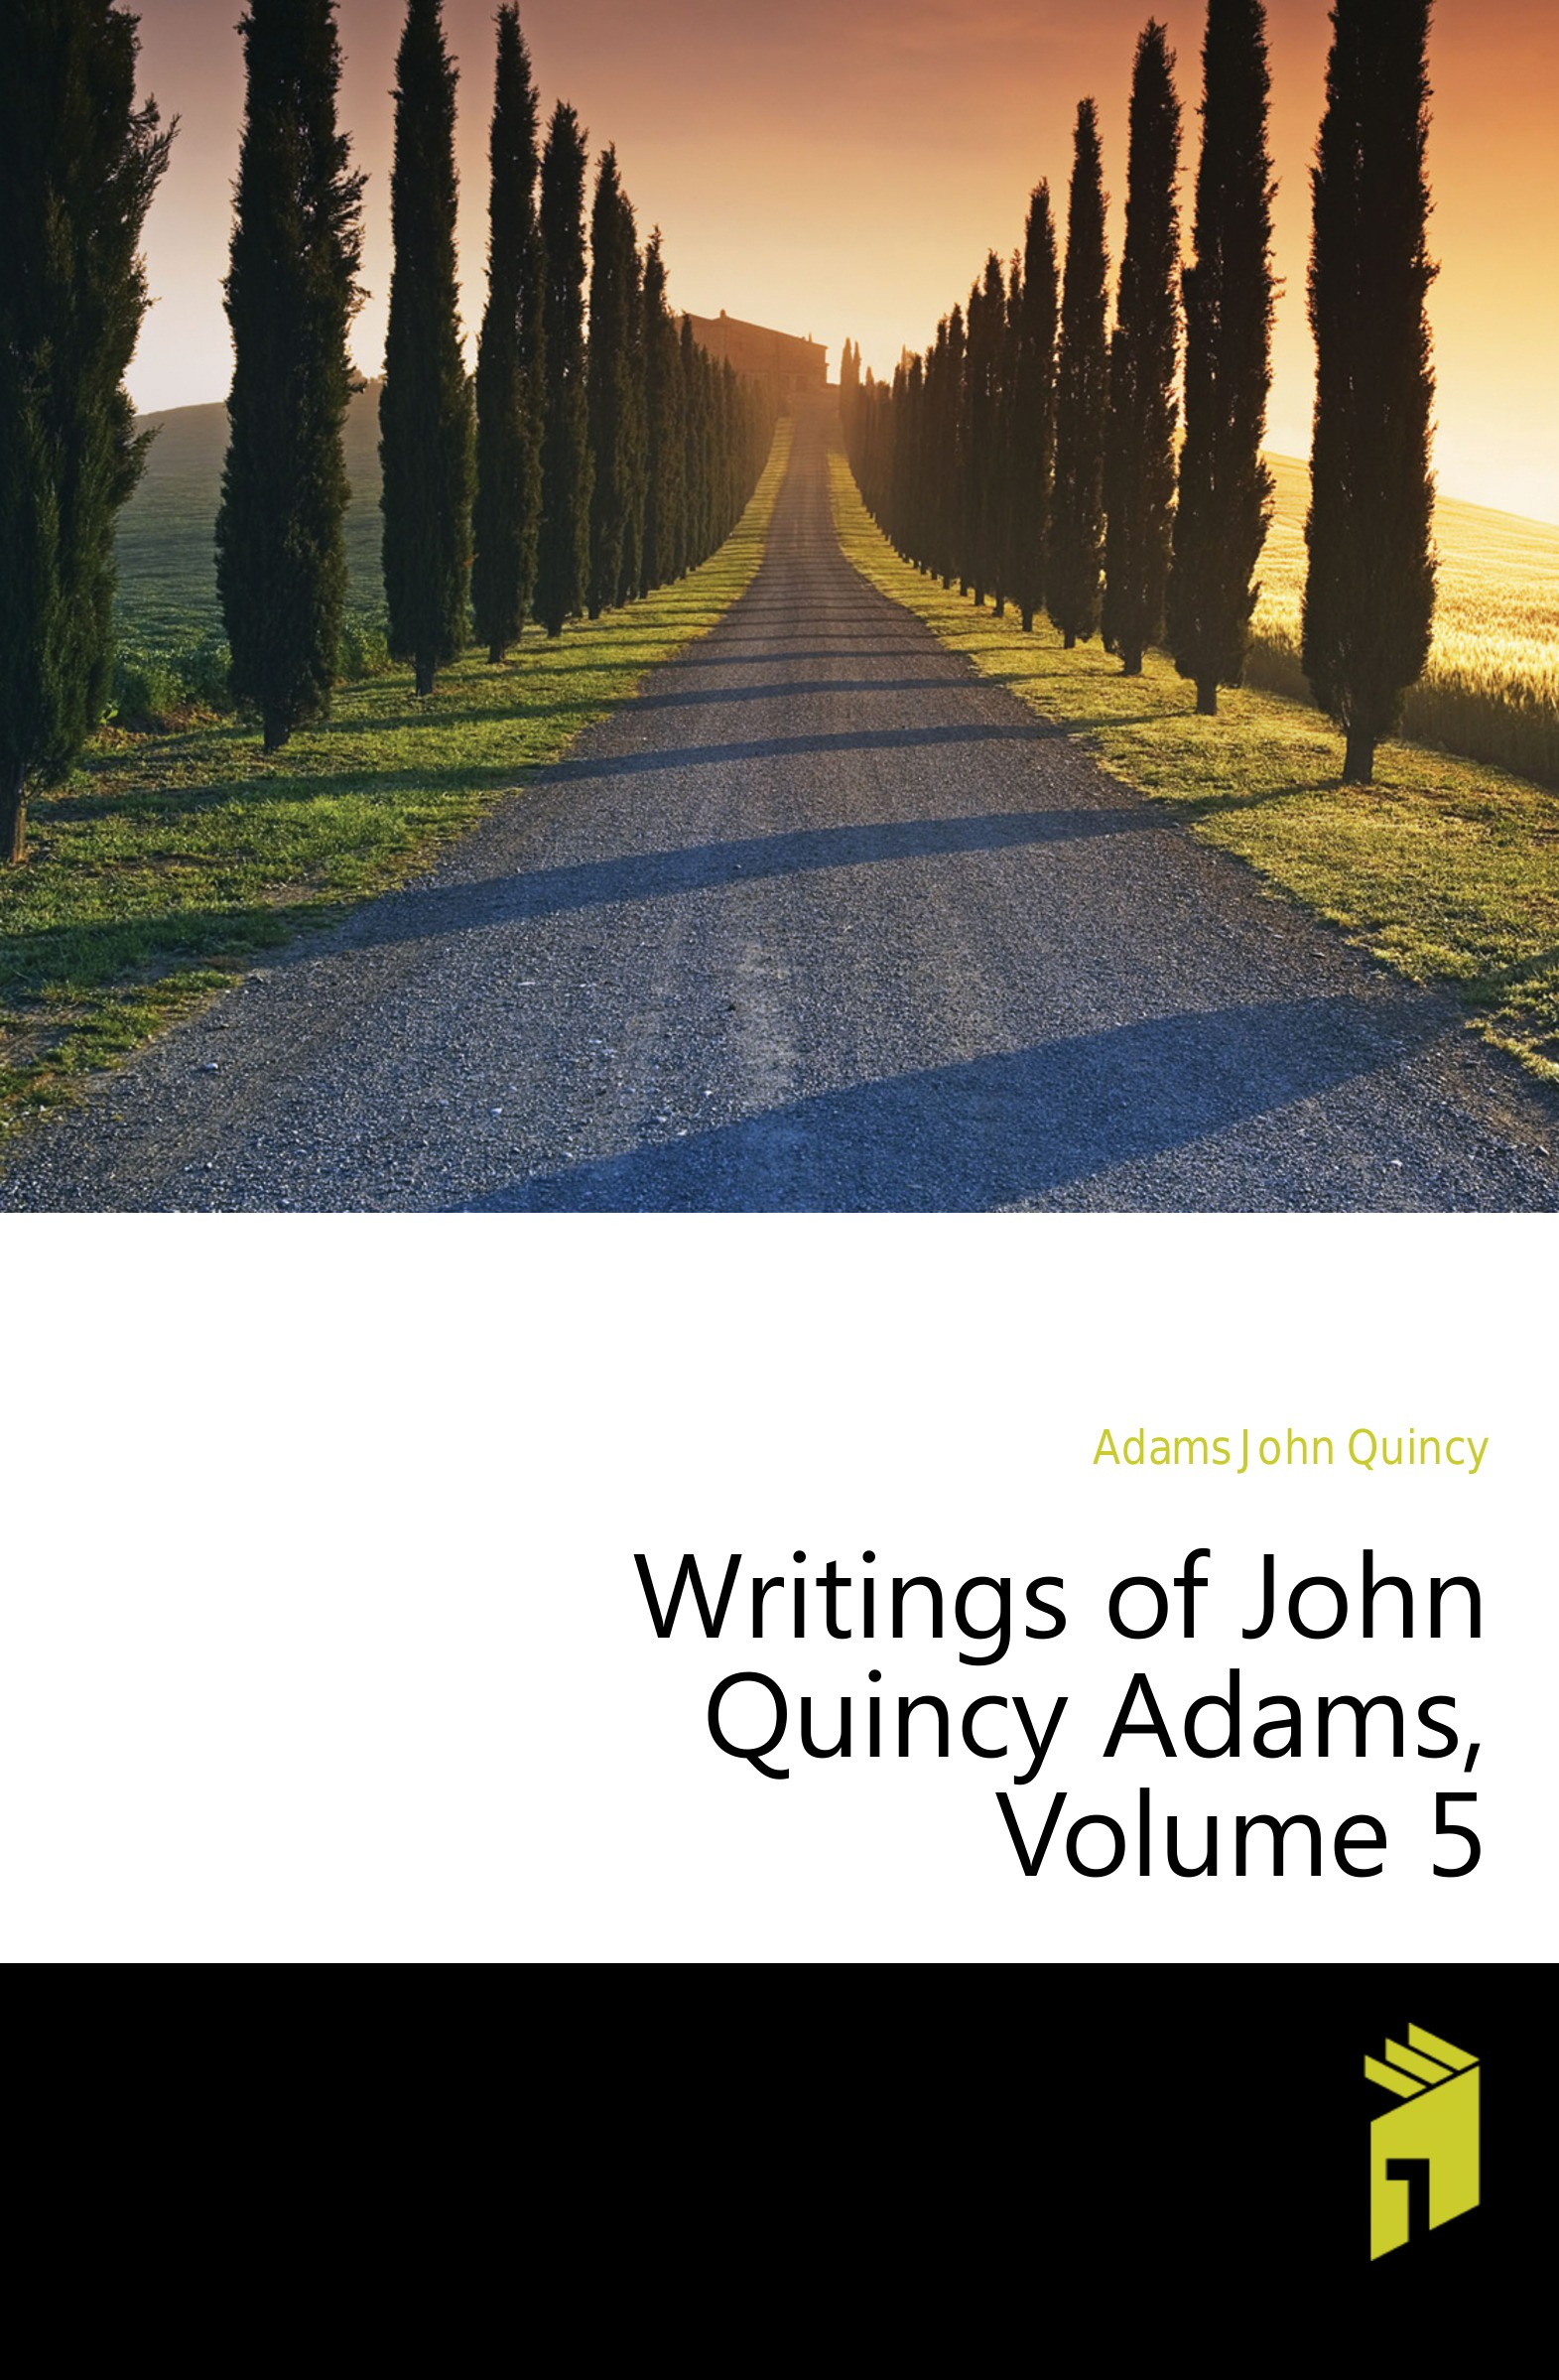 Adams John Quincy Writings of John Quincy Adams, Volume 5 adams john quincy ex president john quincy adams in pittsburgh in 1843